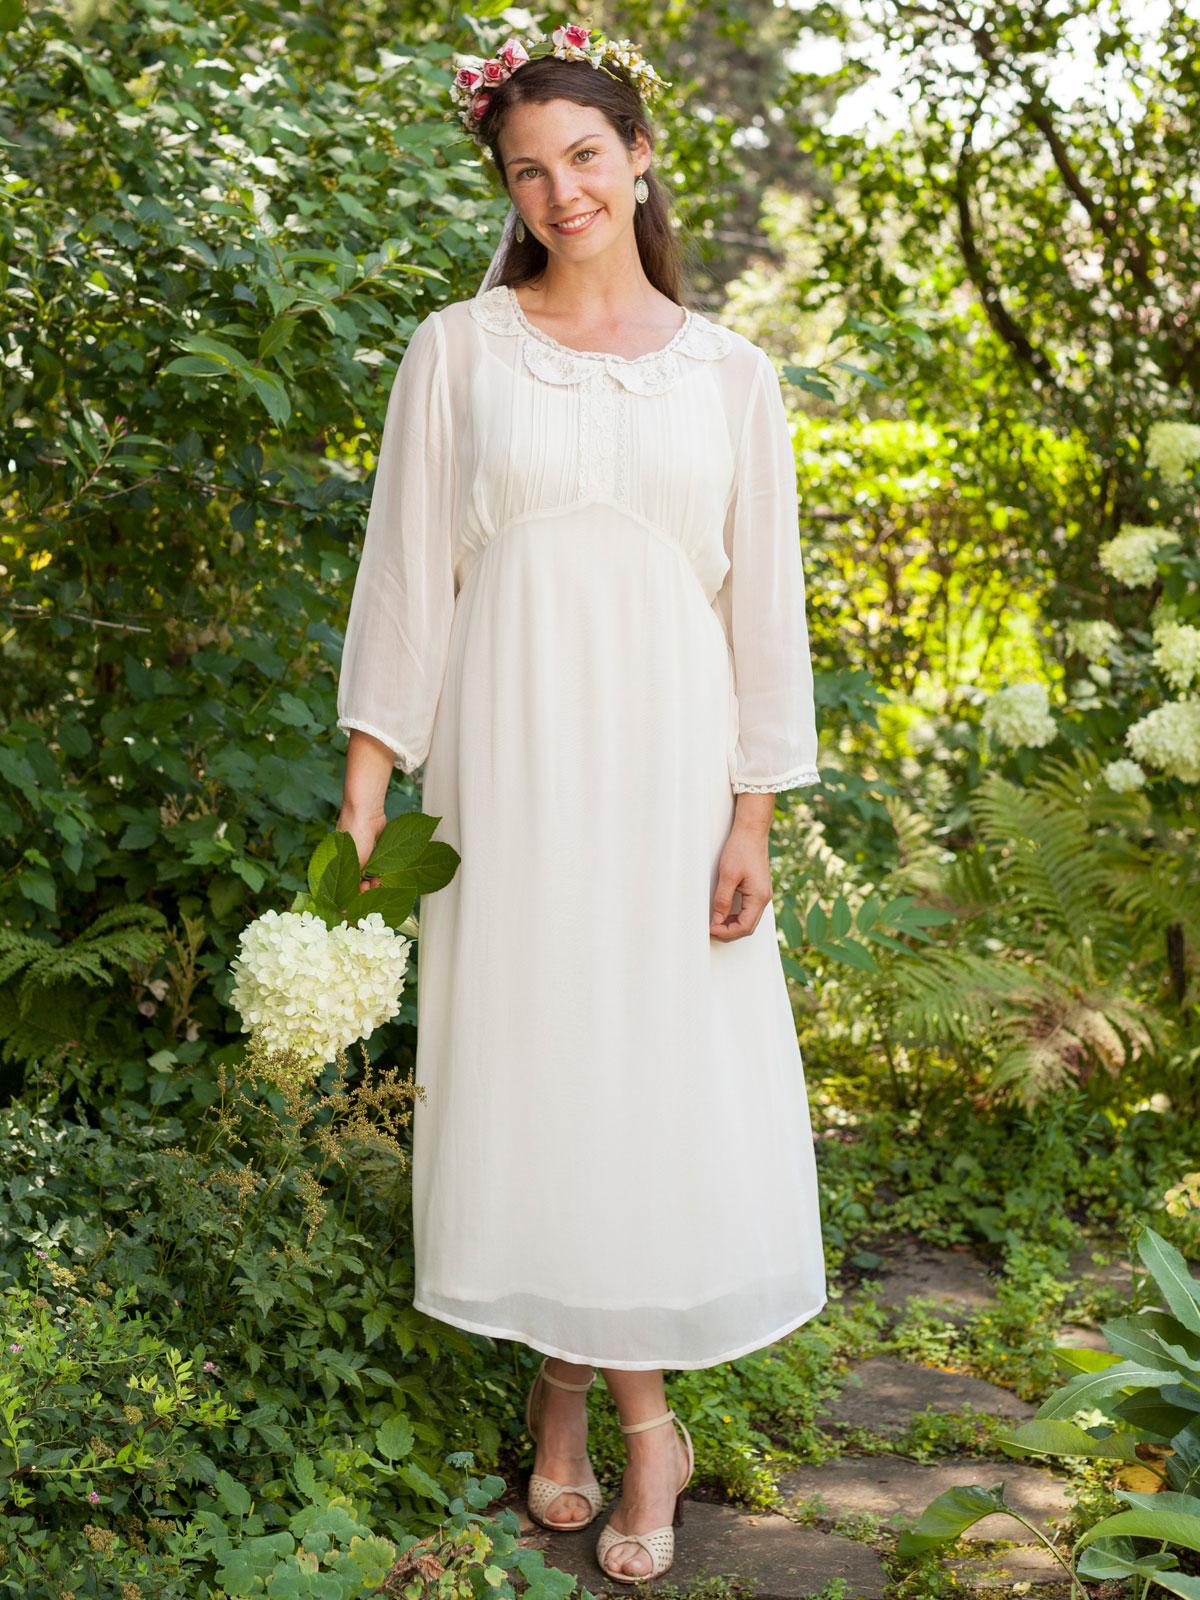 Georgina Ladies Dress | Attic Sale, Ladies Attic ...